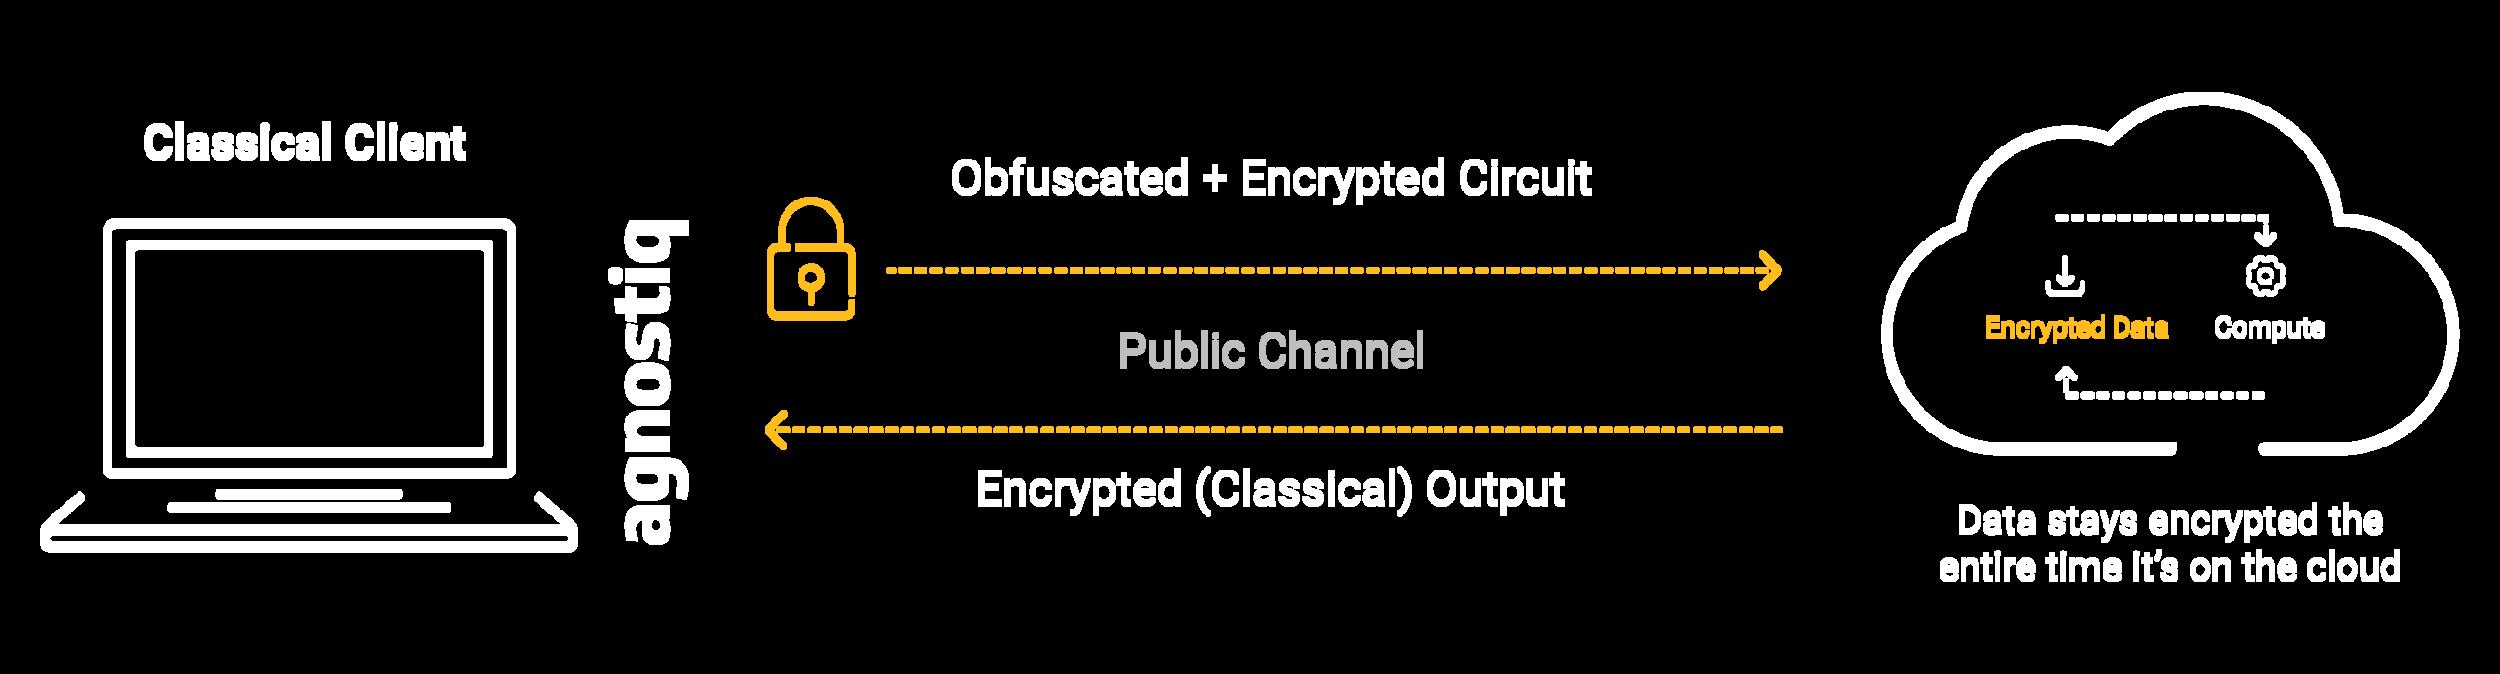 diagram-desktop.png